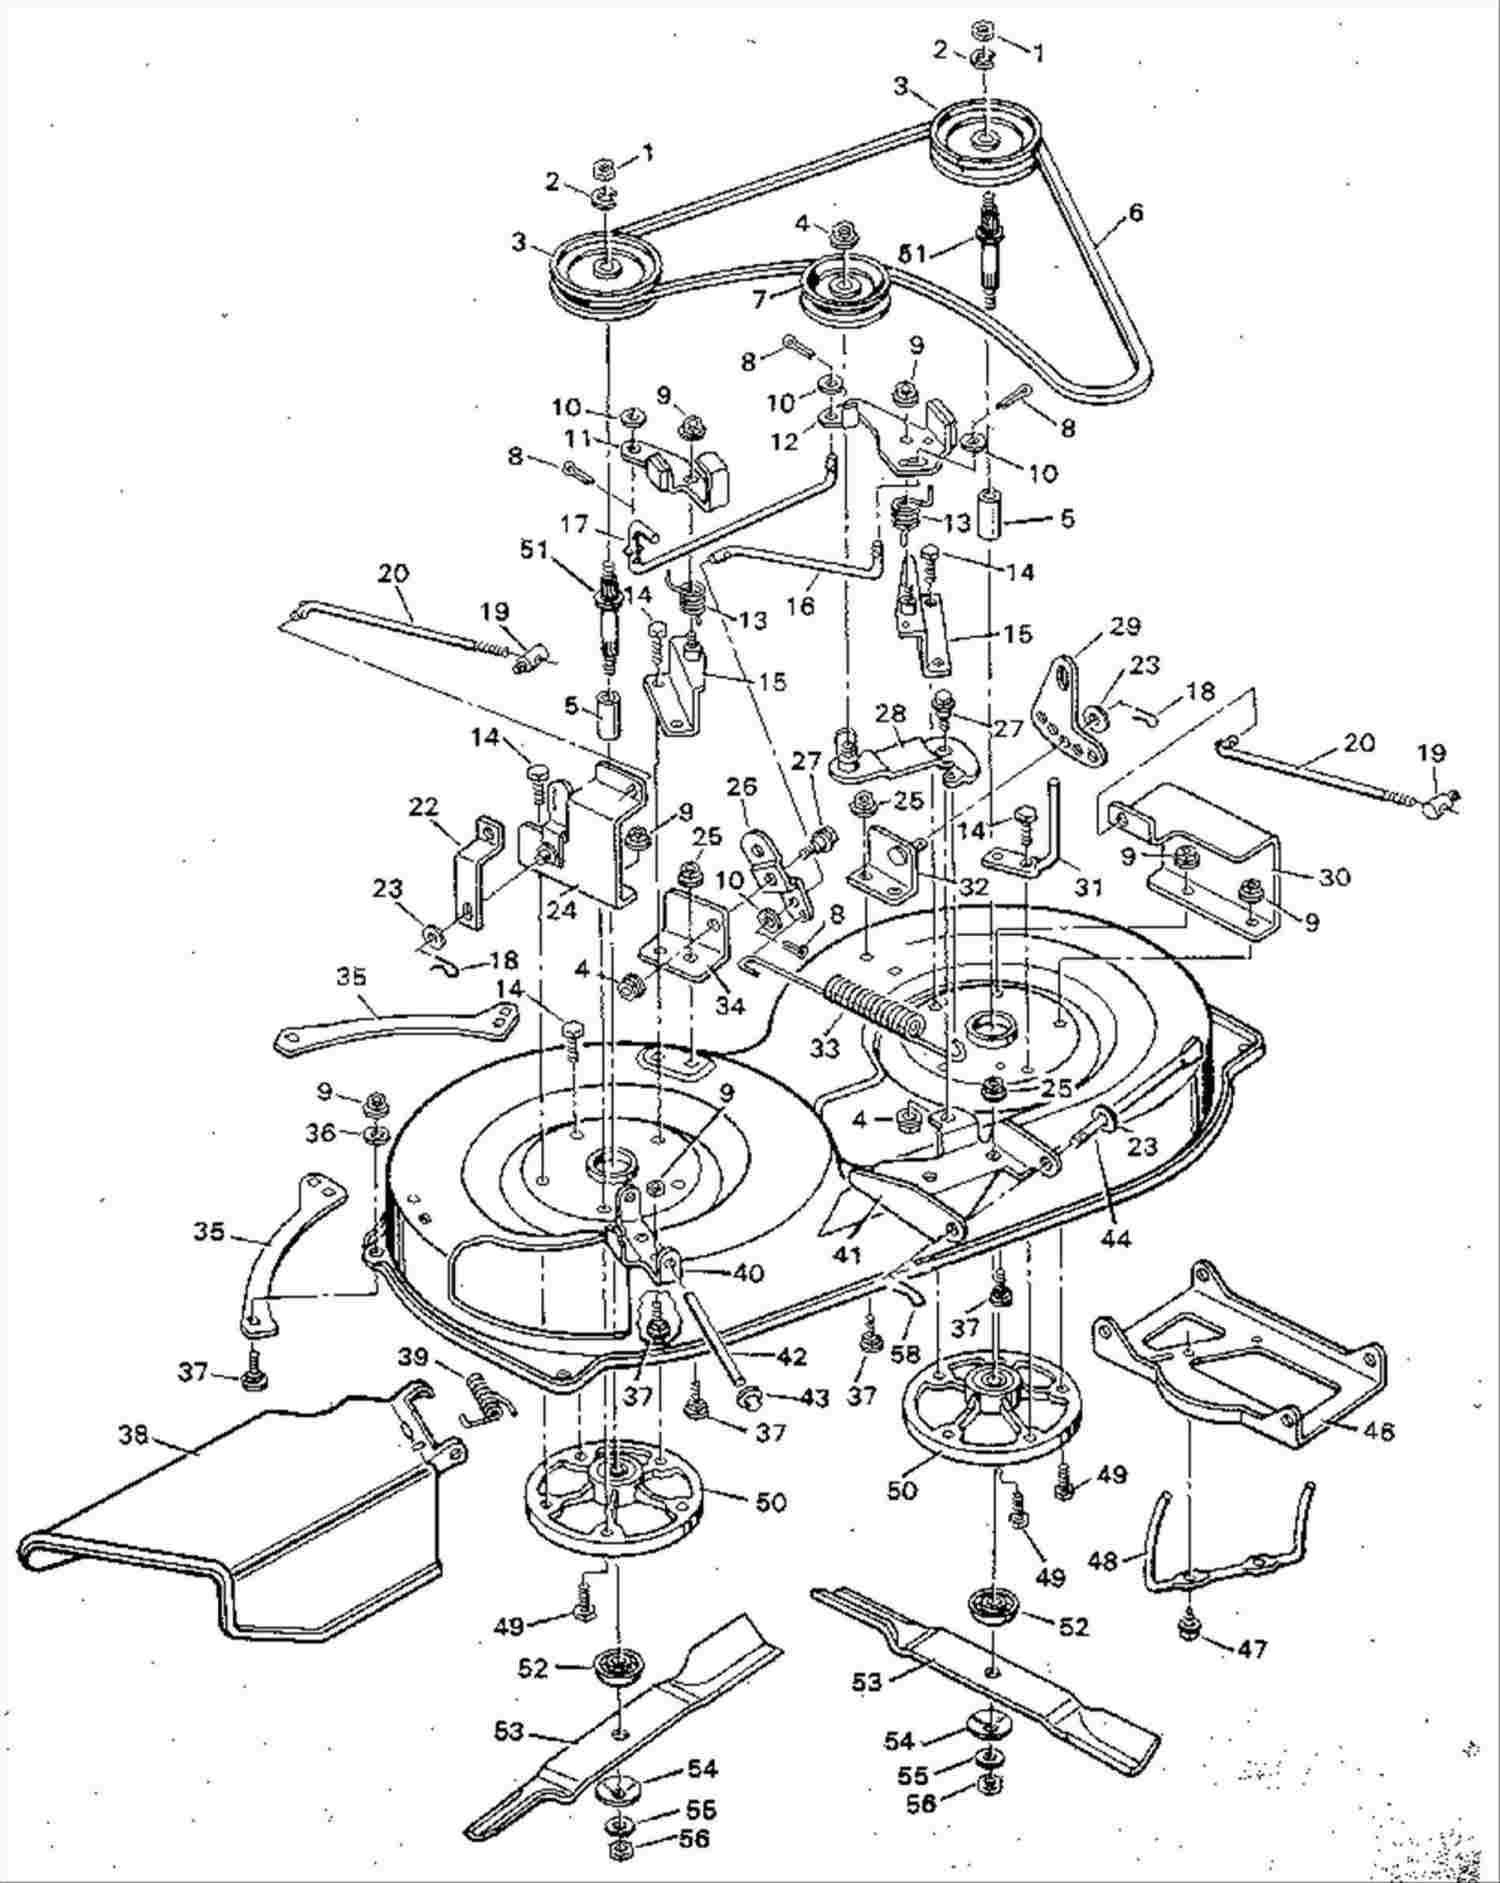 Lawn Mower Schematic Diagram